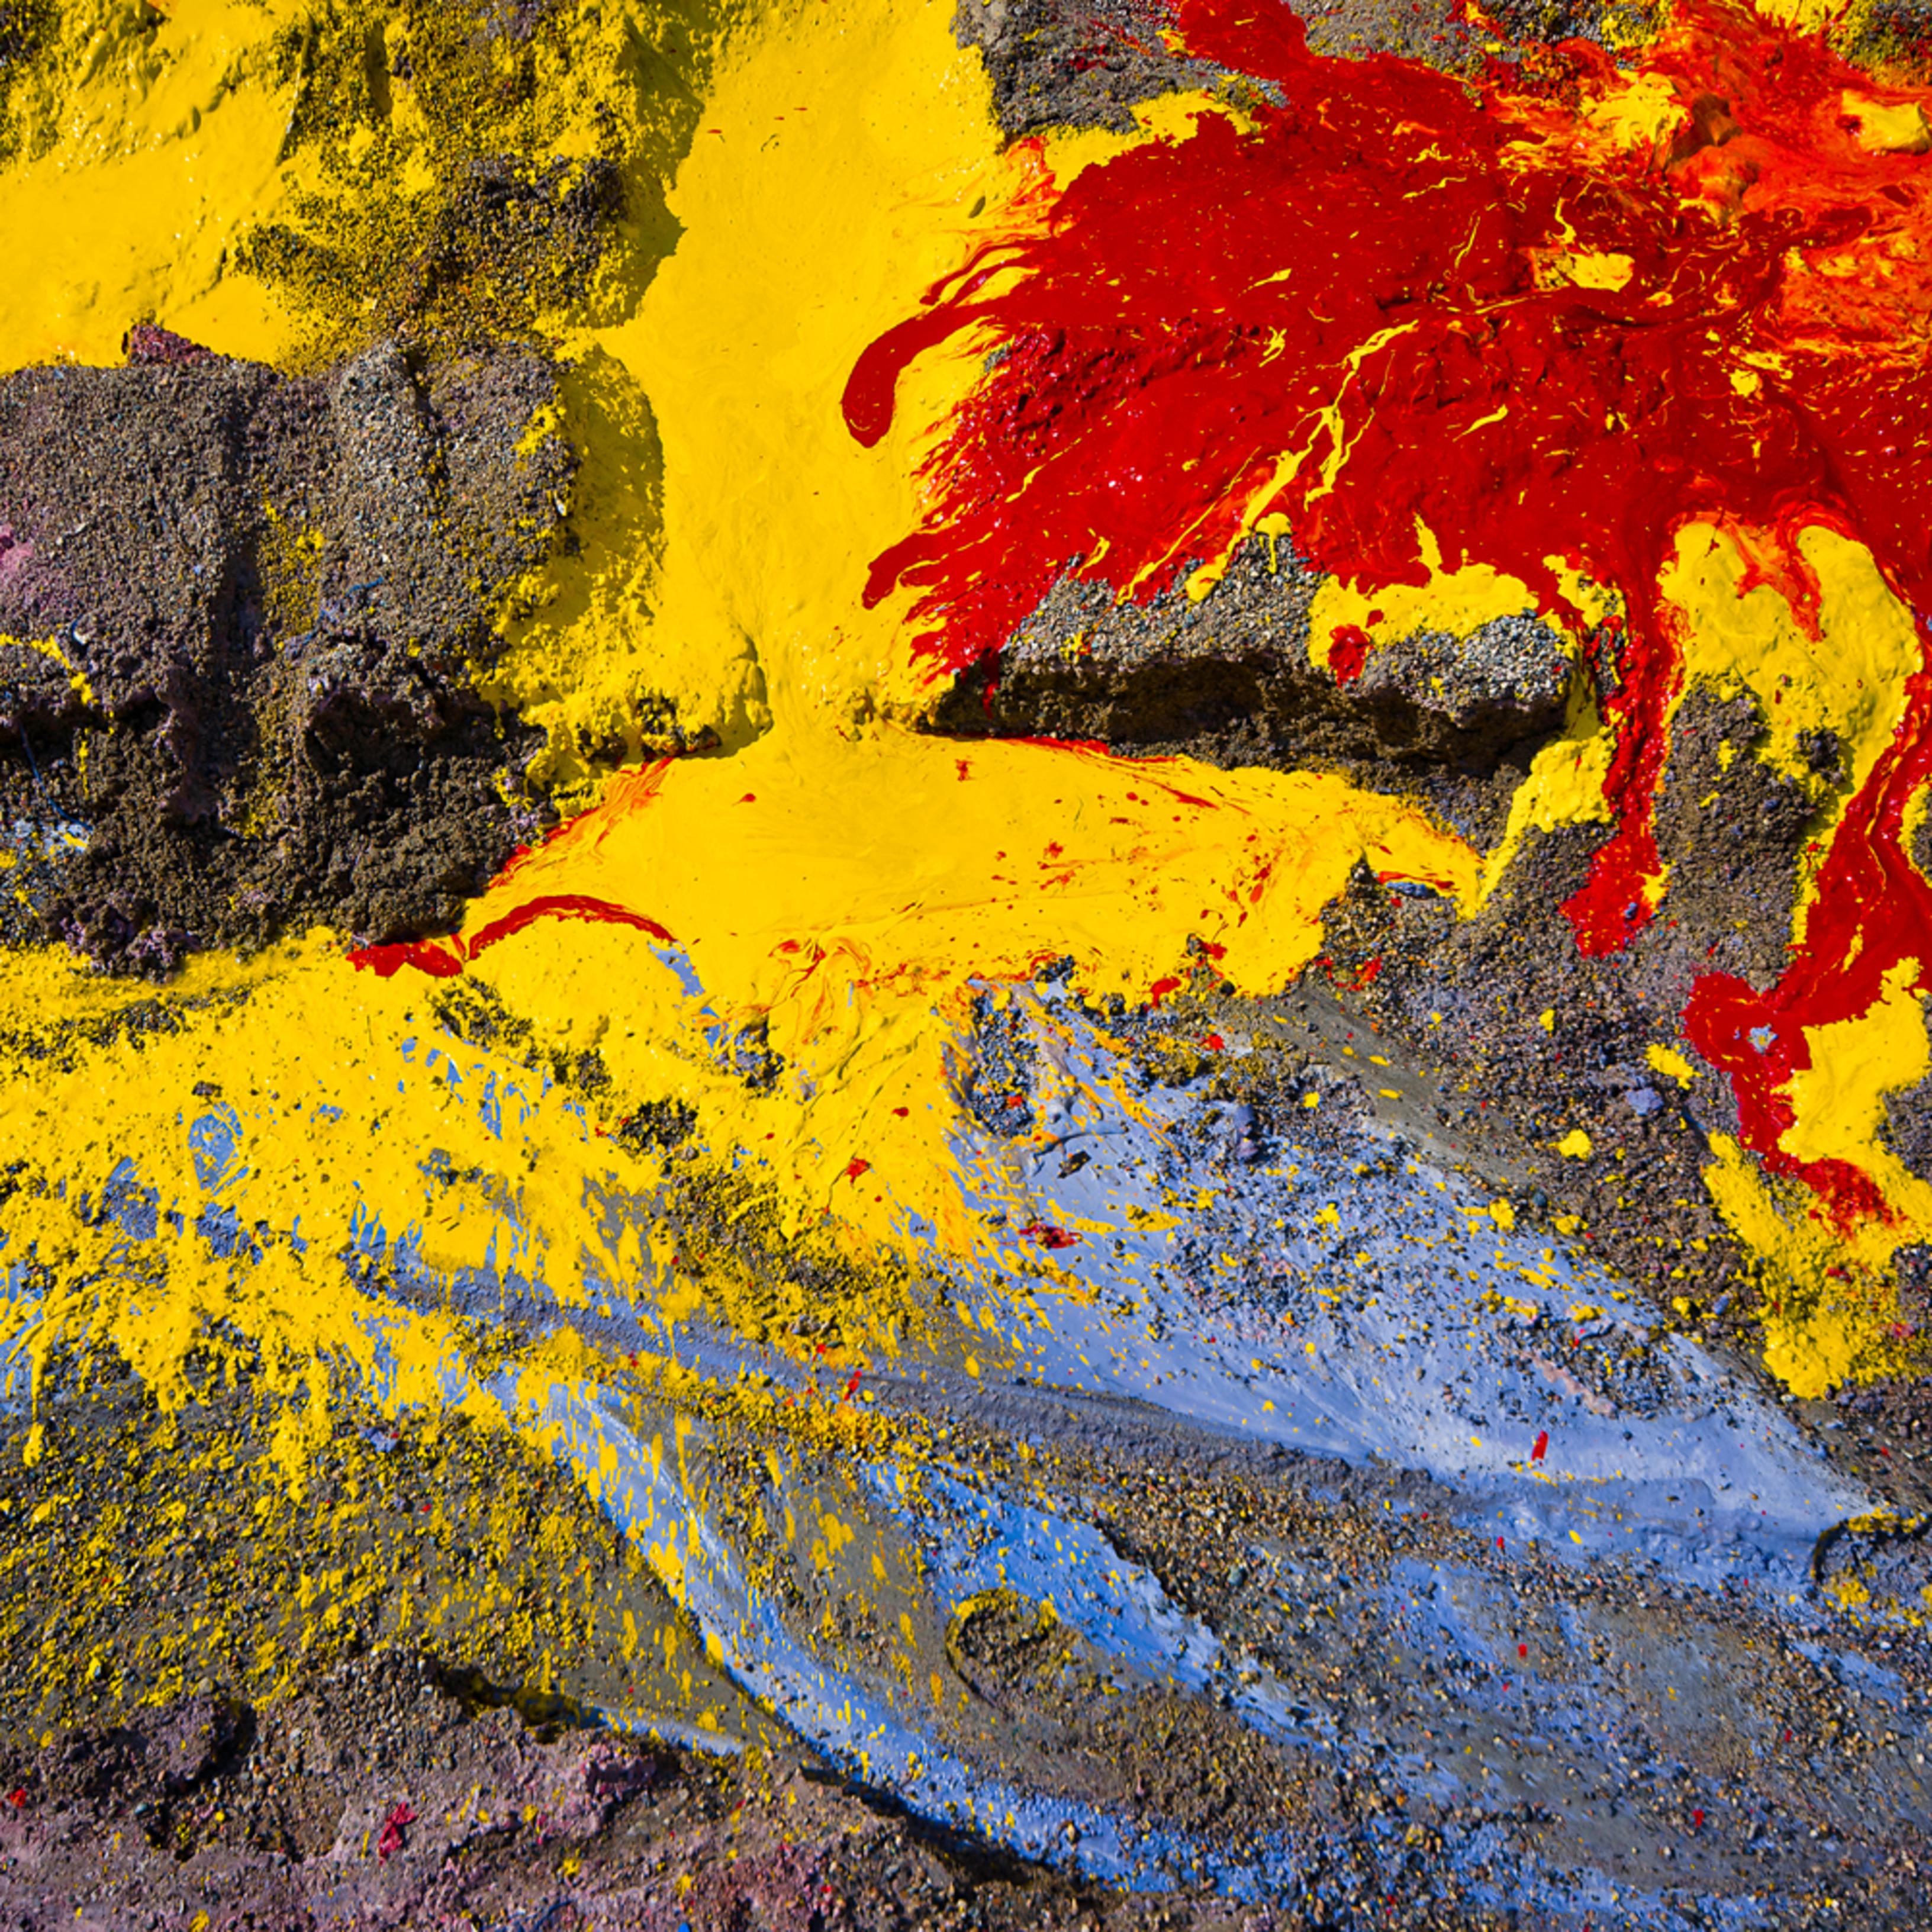 Misplaced paint hfugo4